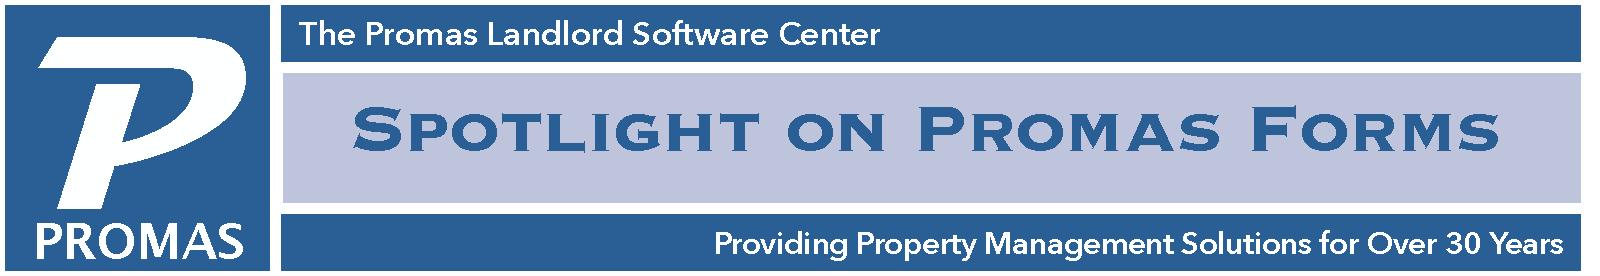 Spotlight on PROMAS Forms